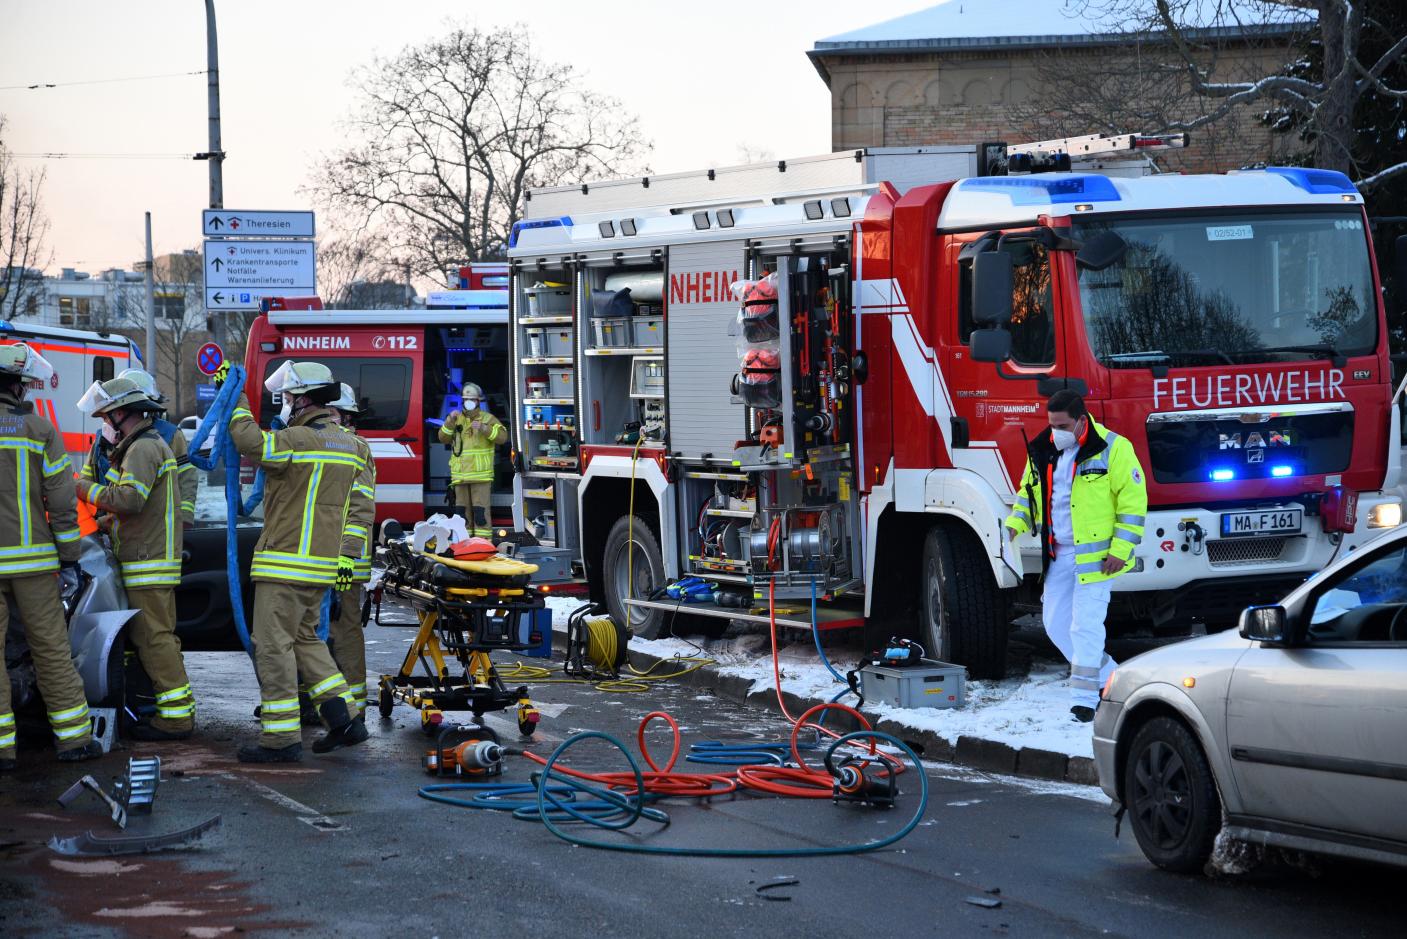 Mannheim: Unfall mit fünf Verletzten - Verursacher flüchtet und leistet Widerstand bei Festnahme